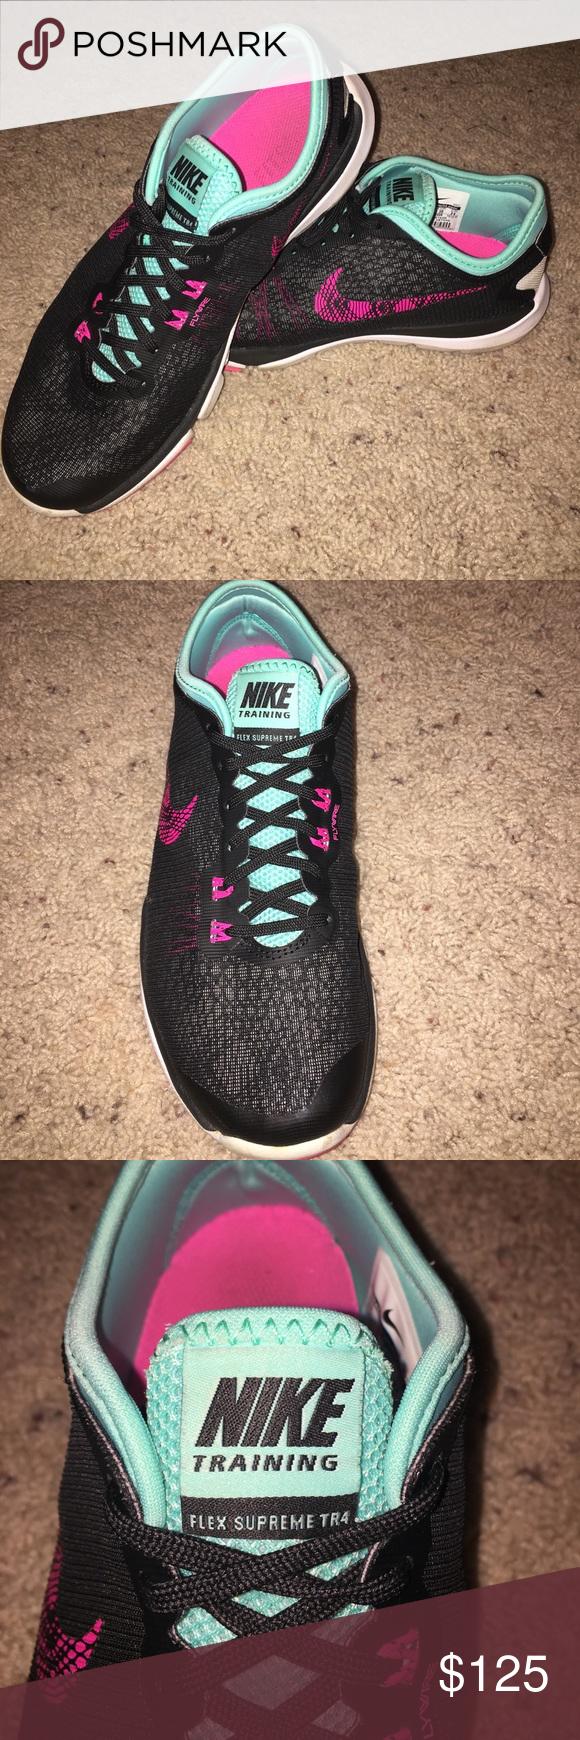 NIKE running shoes Running shoes nike, Running shoes, Shoes